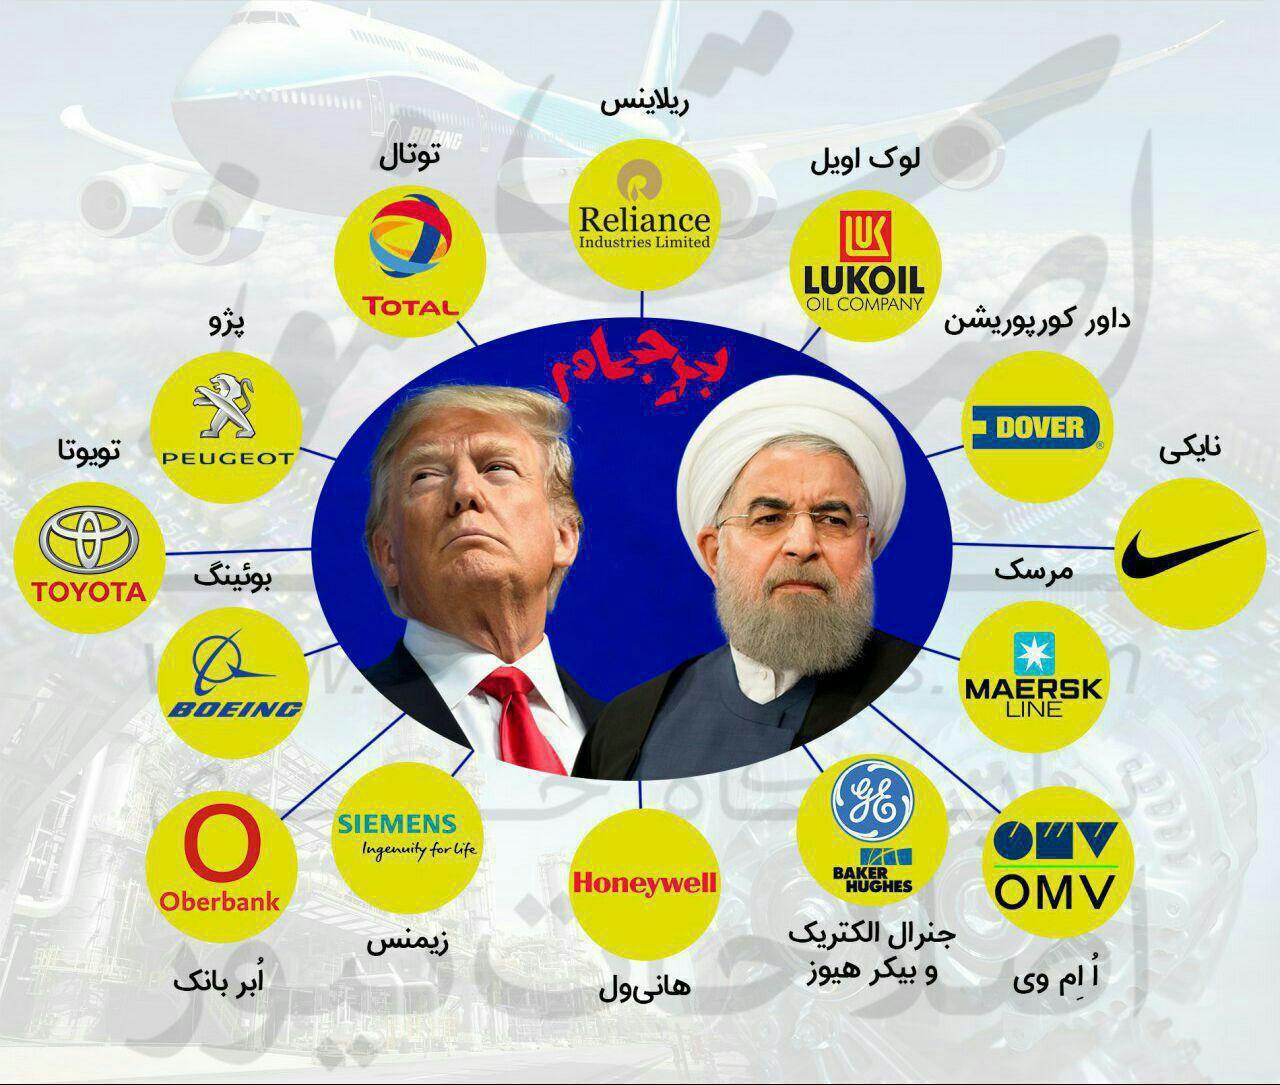 شرکتهایی که پس از تهدید ترامپ قراردادهای خود با ایران را لغو و یا ایران را تحریم کردند